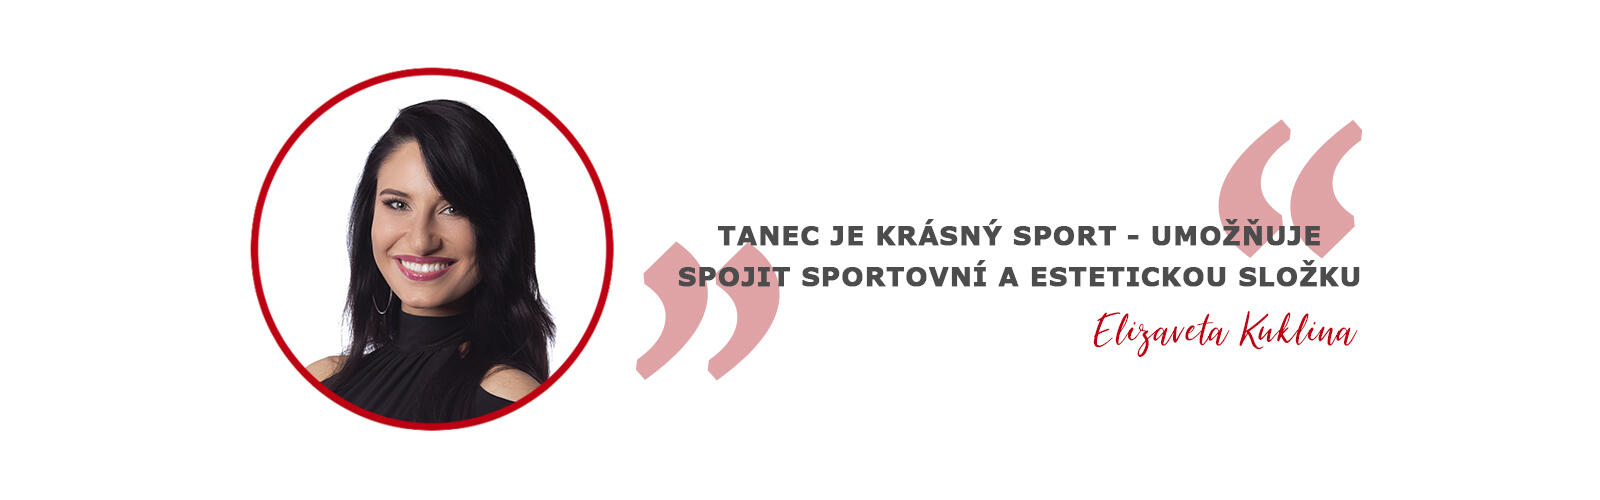 Elizaveta Kuklina - trenér, porotce 1. třídy český svaz tanečního sportu